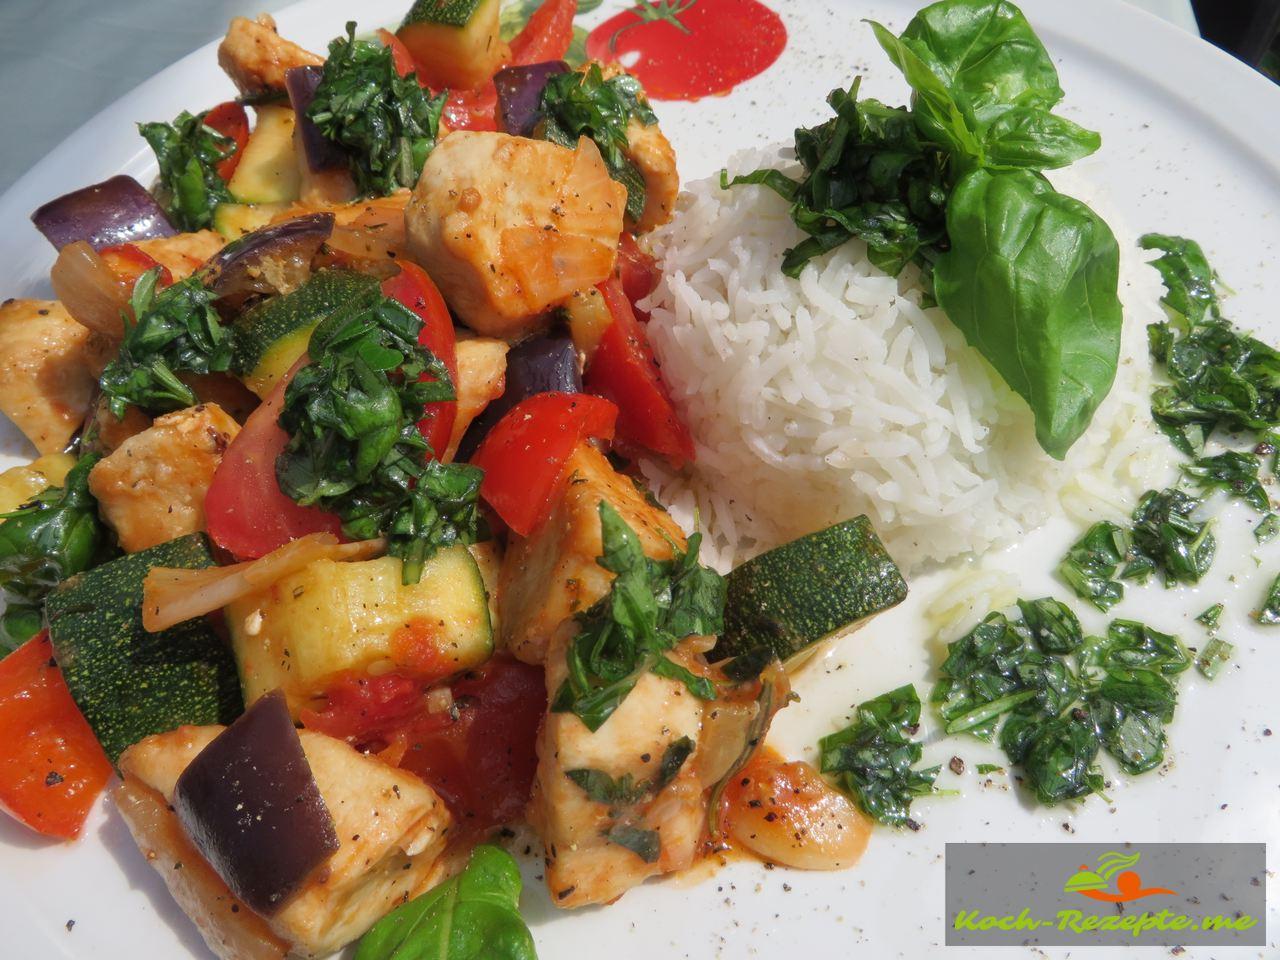 Mediterranes Gemüse mit Hähnchen und Kräuter-Öl dazu Reis.